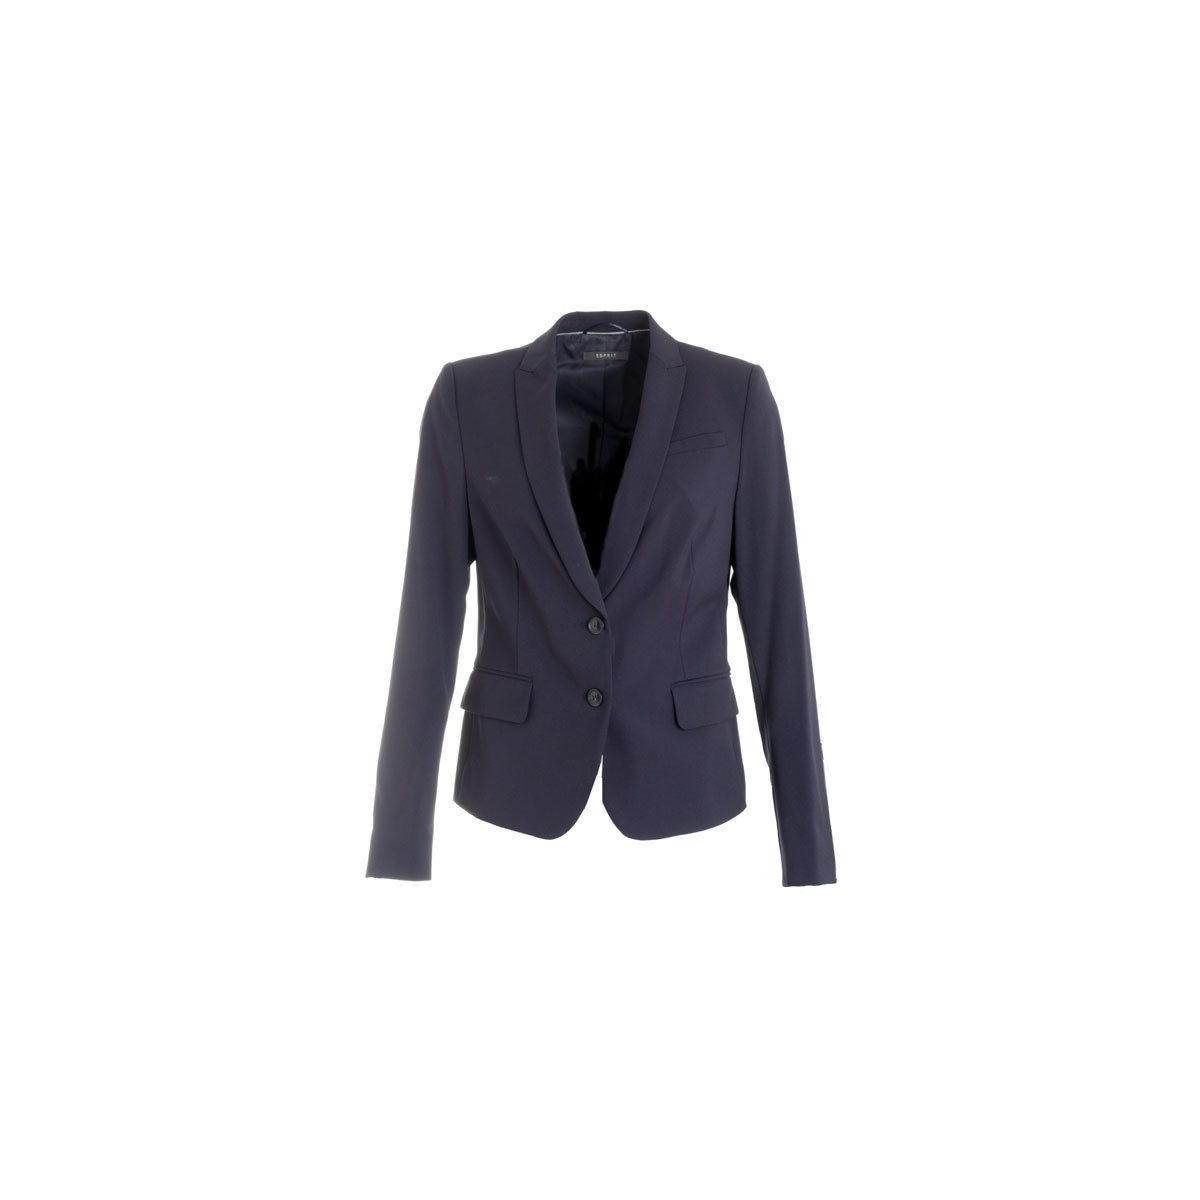 995e01g903 esprit collection blazer e408